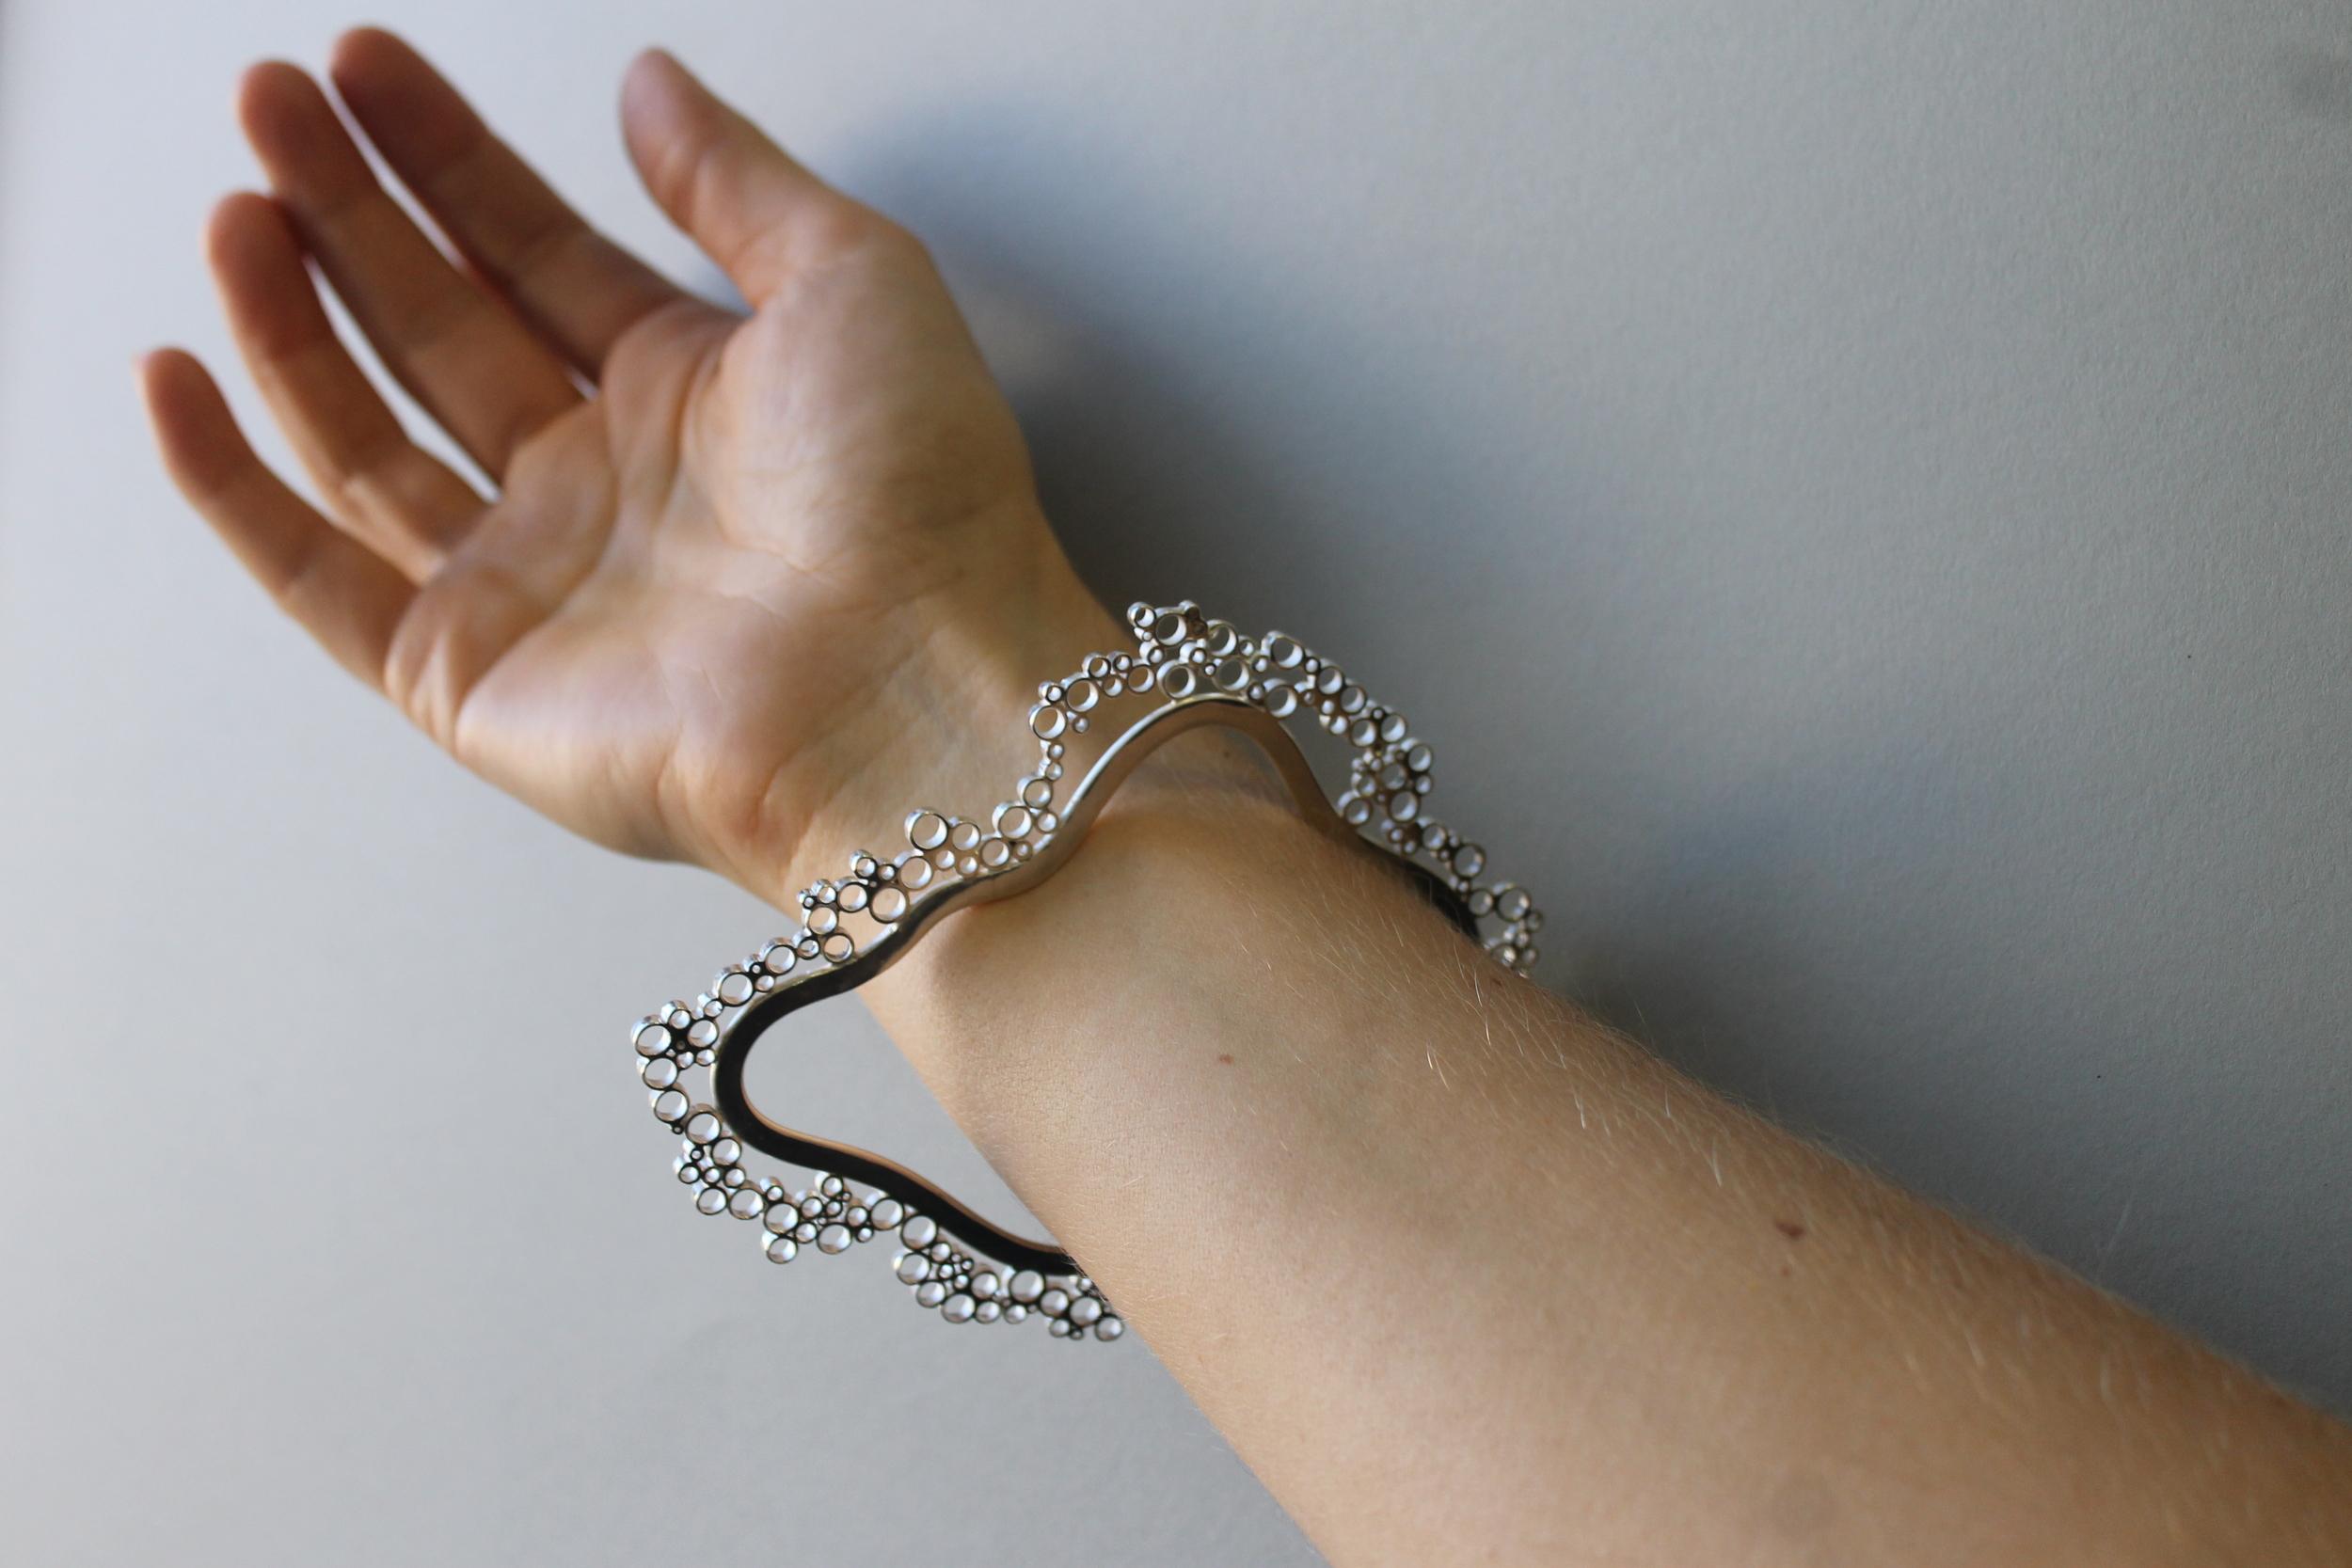 Fizz solid silver bangle